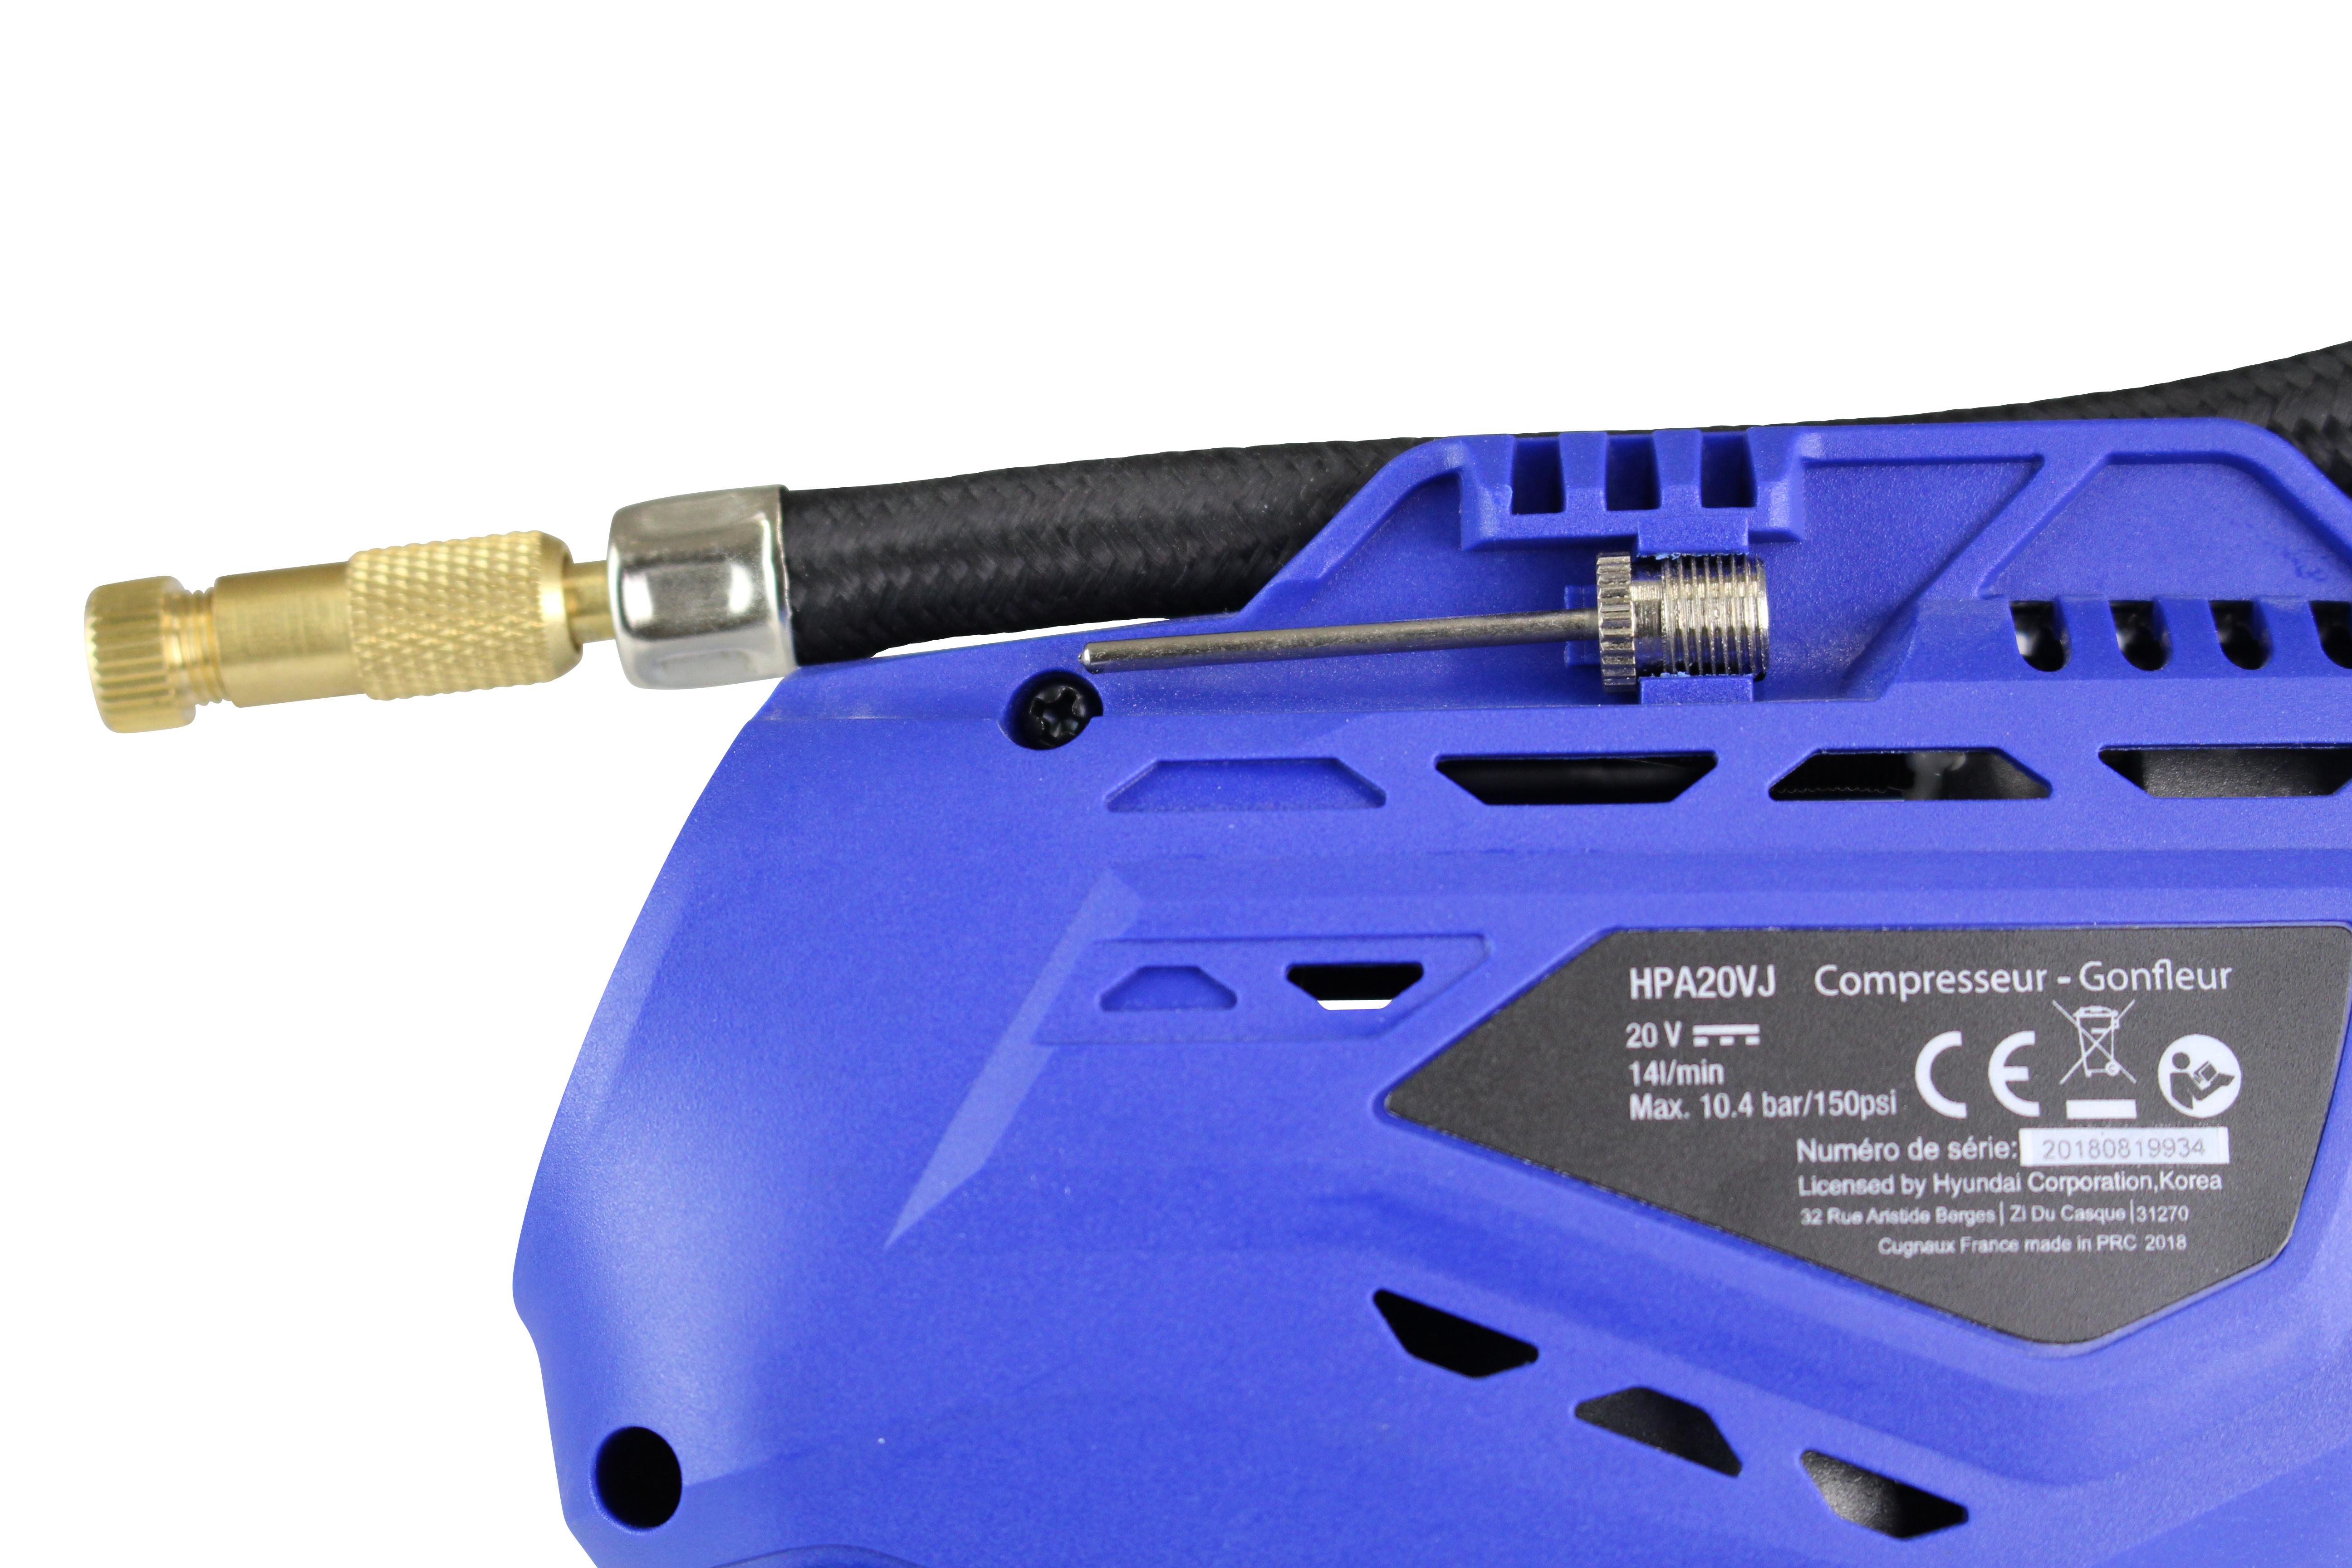 Compresseur 104 Bar 14 Lmin Hpa20vj Swap Europecom